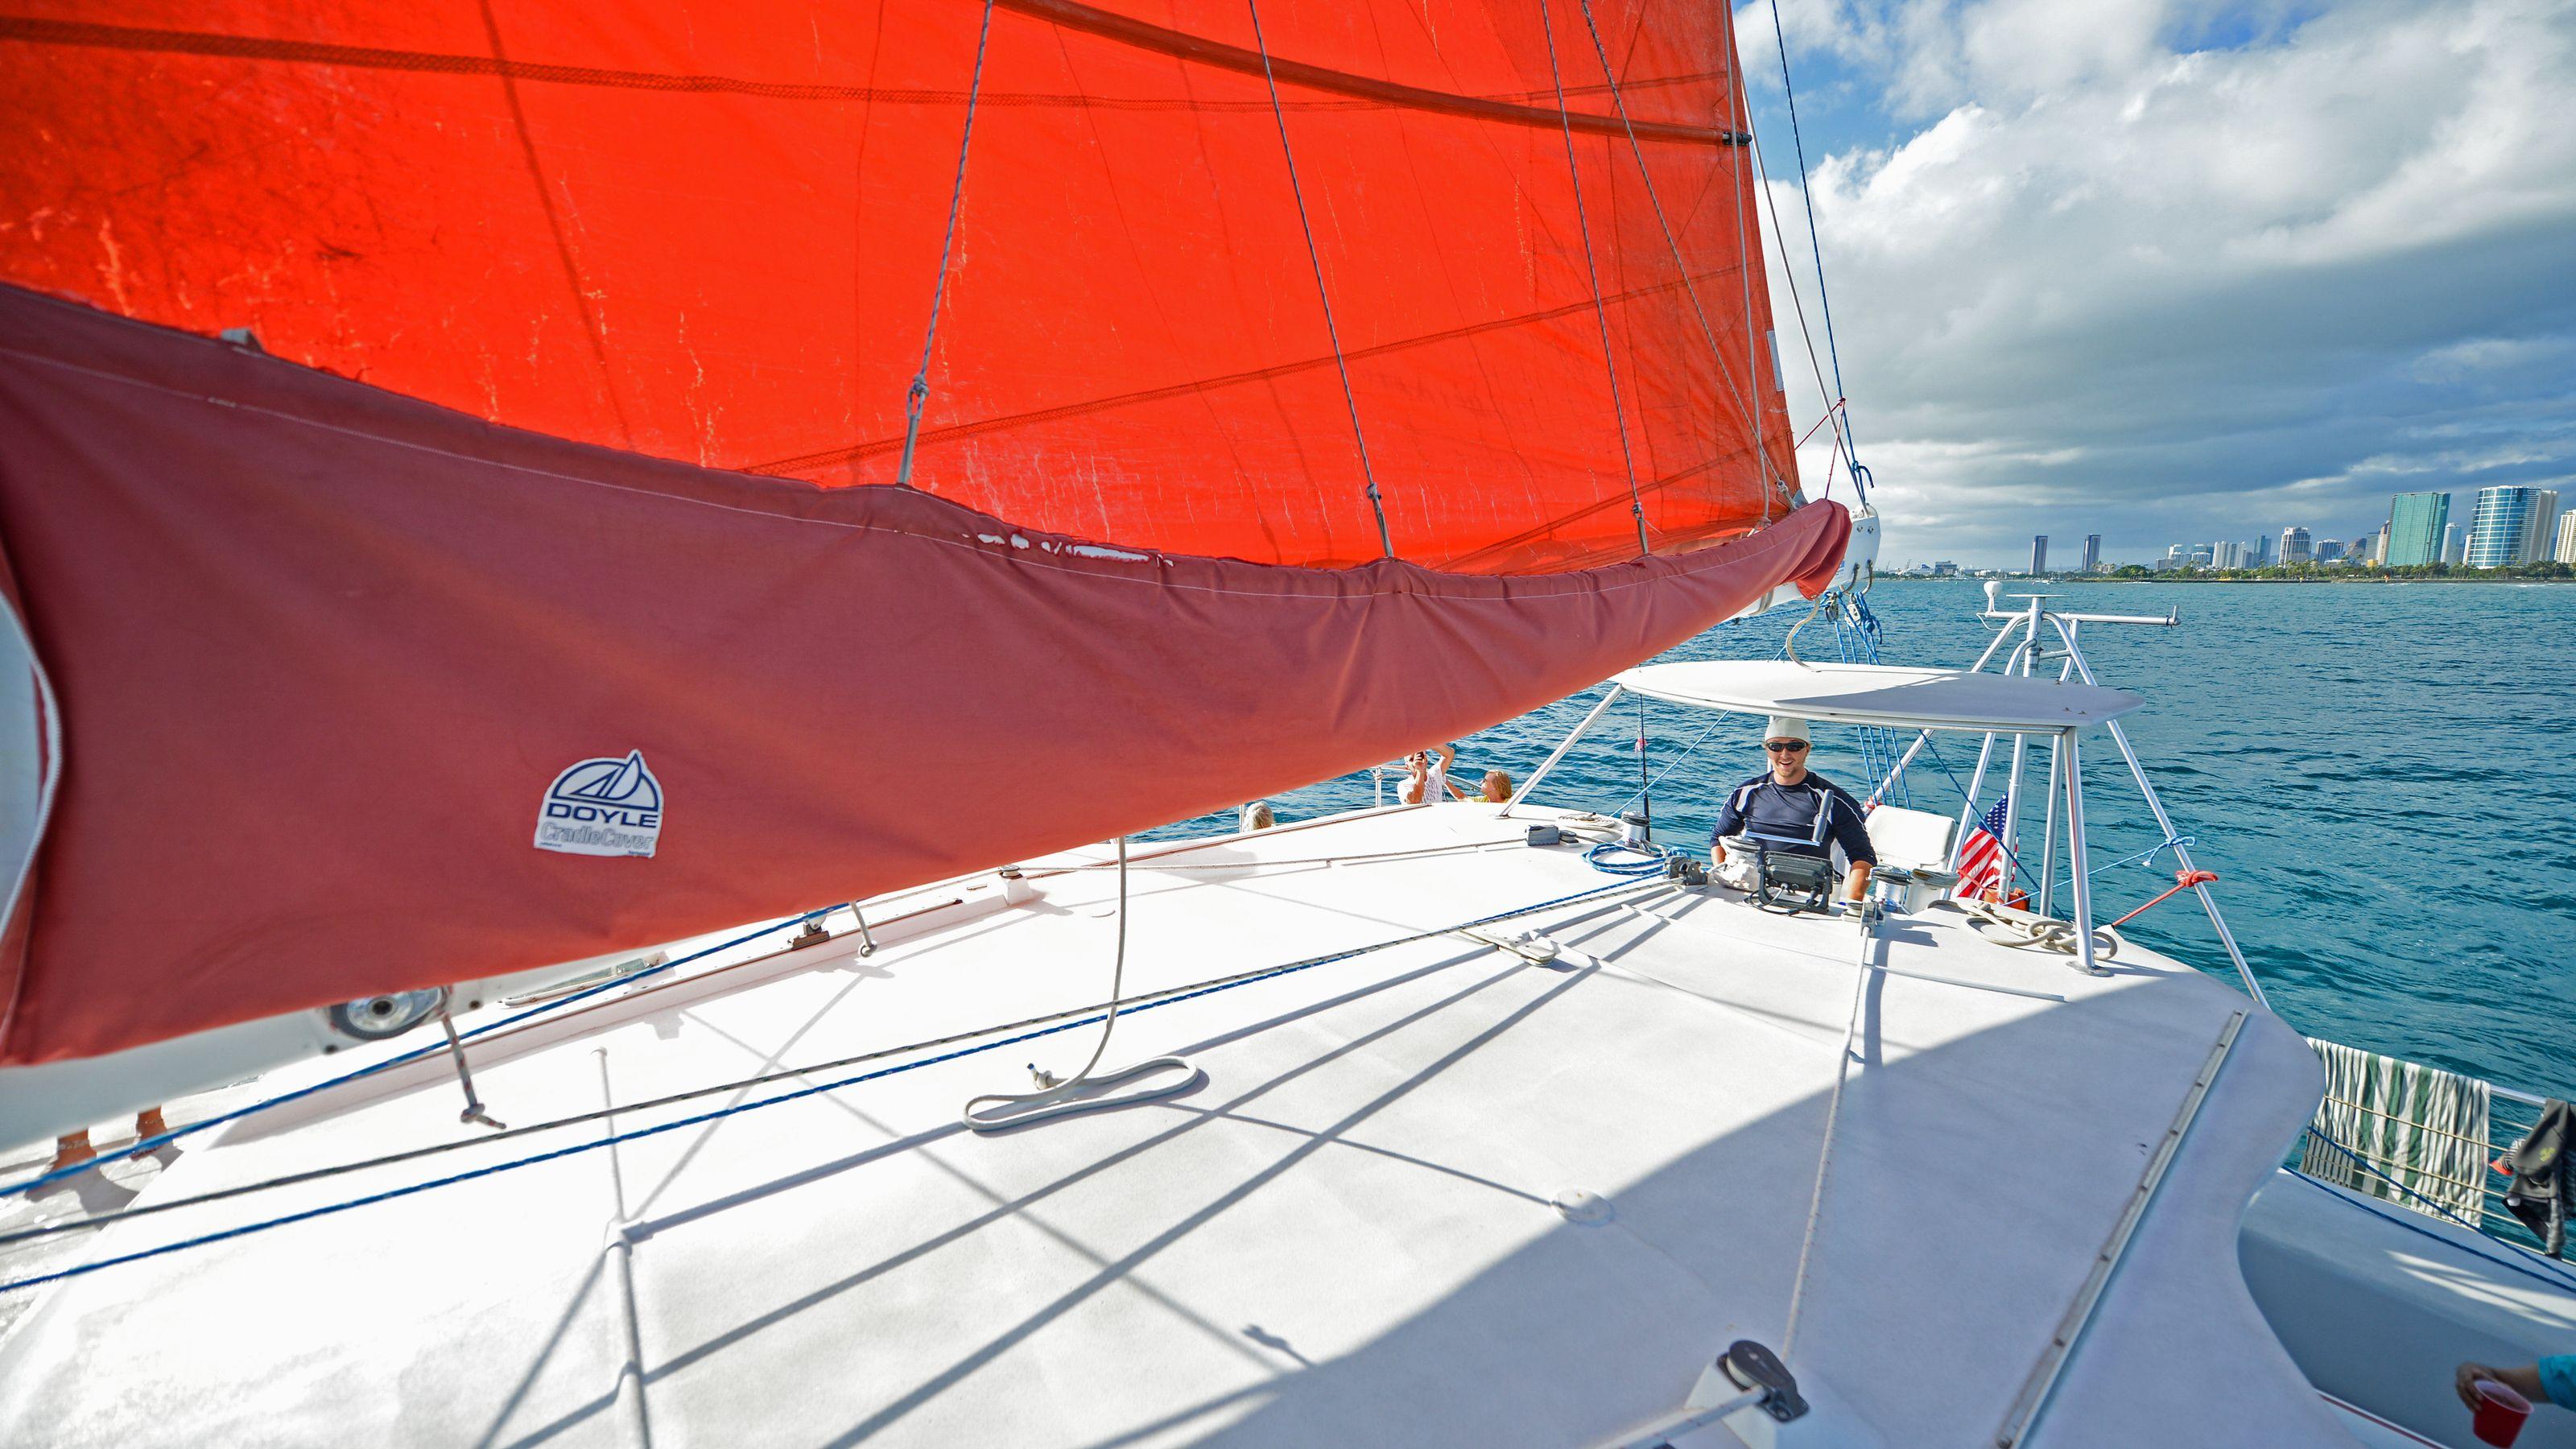 Waikiki Adventure Sail